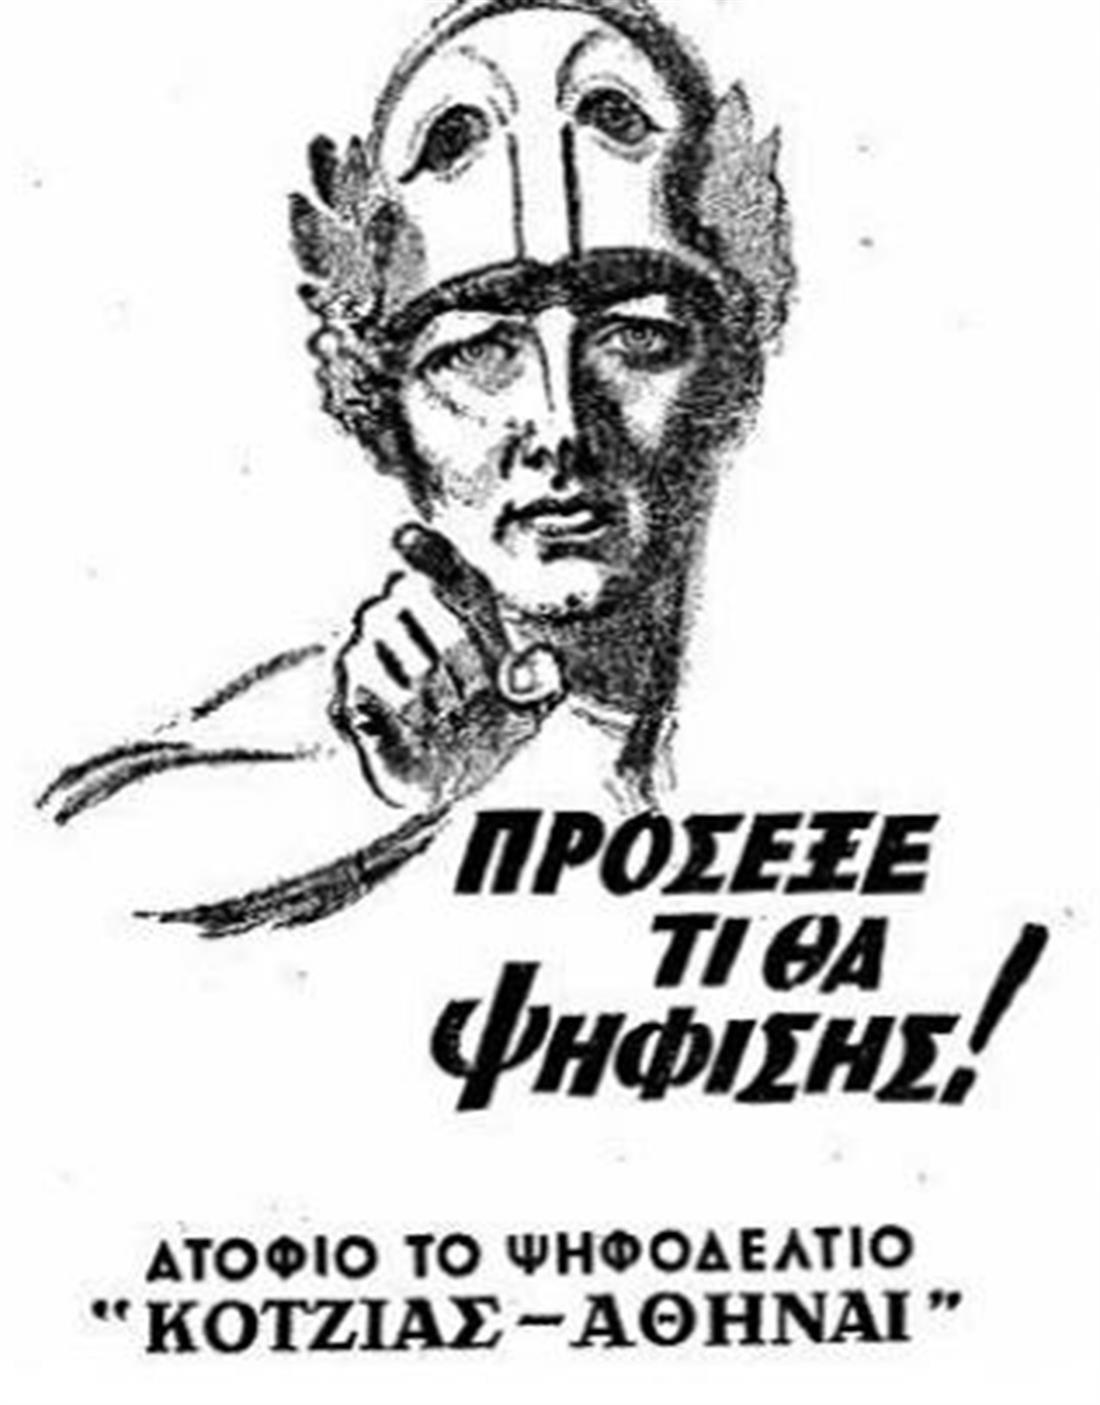 Δημοτικές εκλογές 1951 - ψηφοδέλτιο